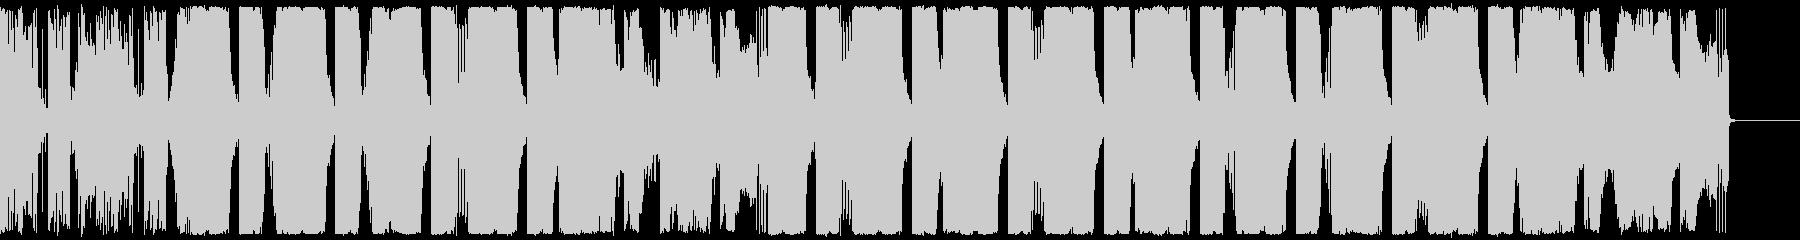 スタイリッシュで広がりのあるエレクトロの未再生の波形